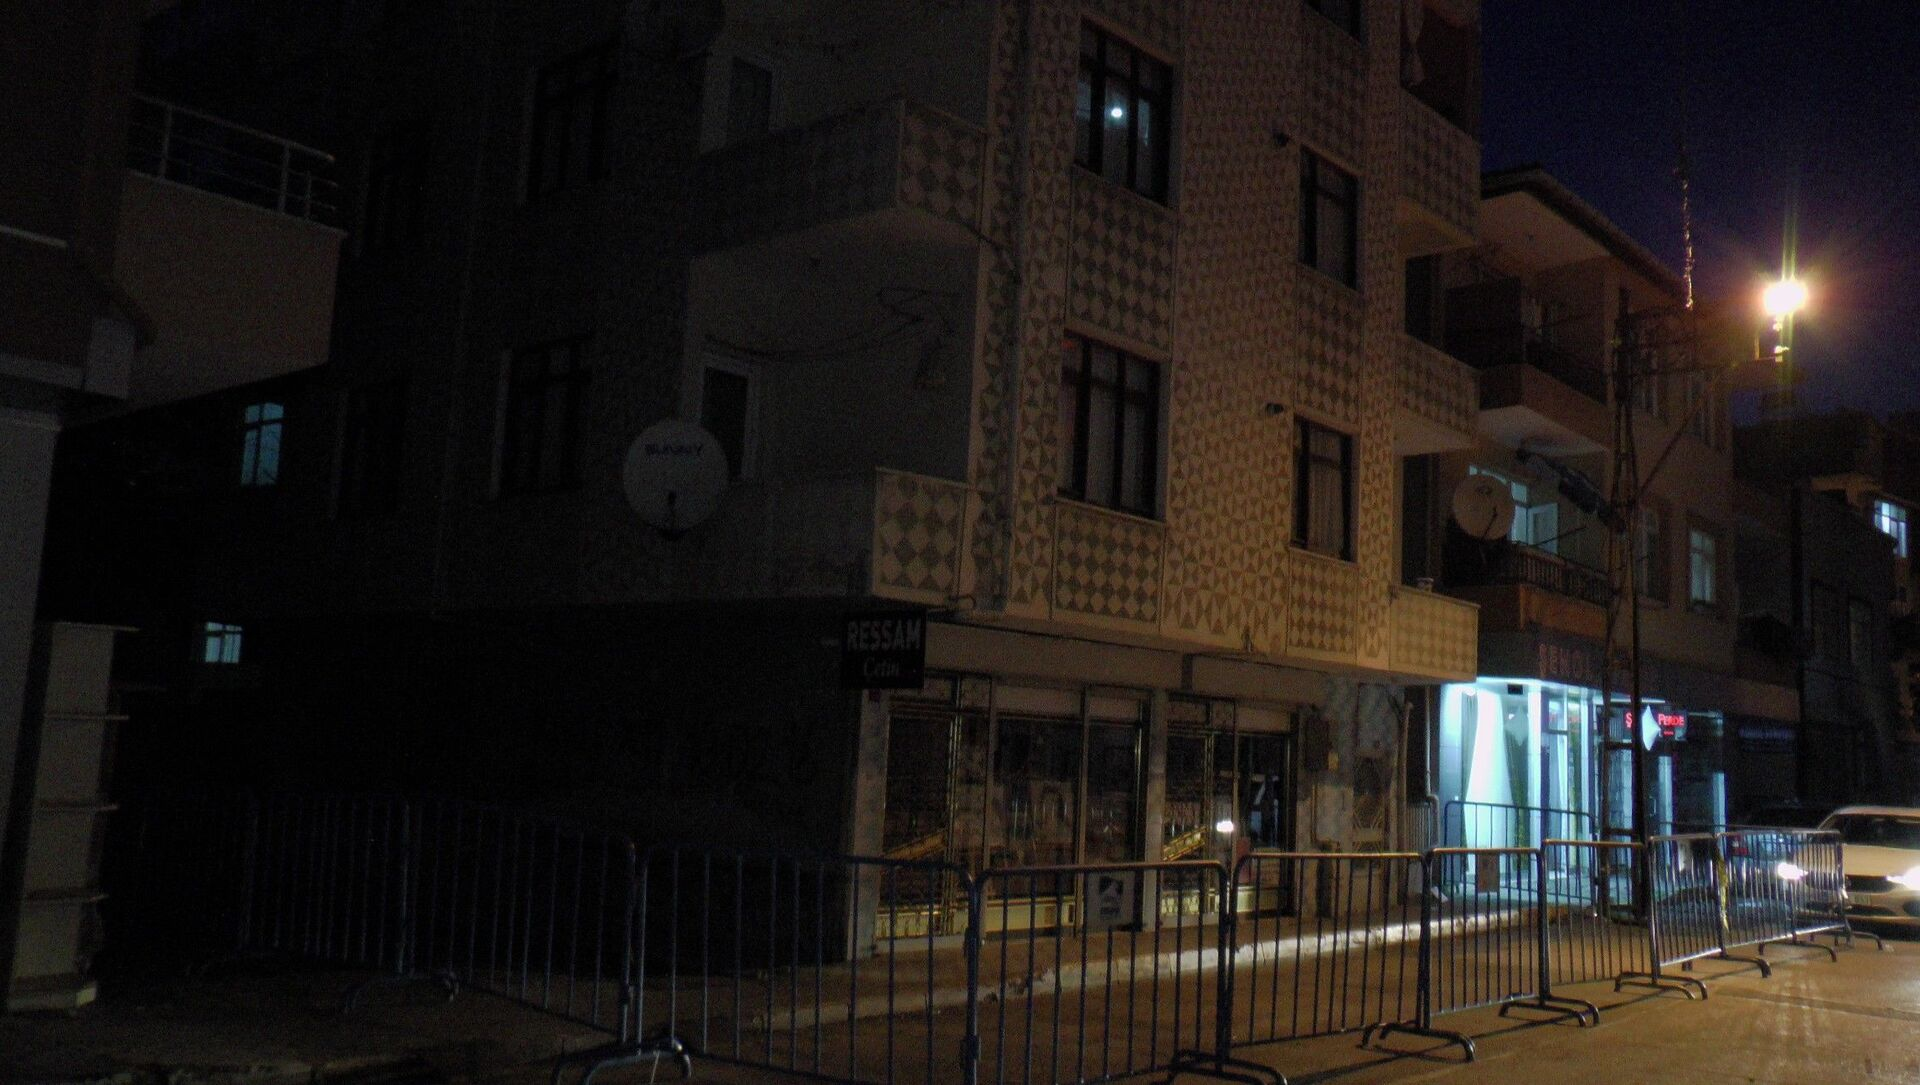 Pendik'te deprem sonrası bir binada çatlaklar oluştu. Bina sakinleri evlerinden tahliye edilirken, çevrede geniş çaplı güvenlik önlemi alındı. - Sputnik Türkiye, 1920, 20.06.2021